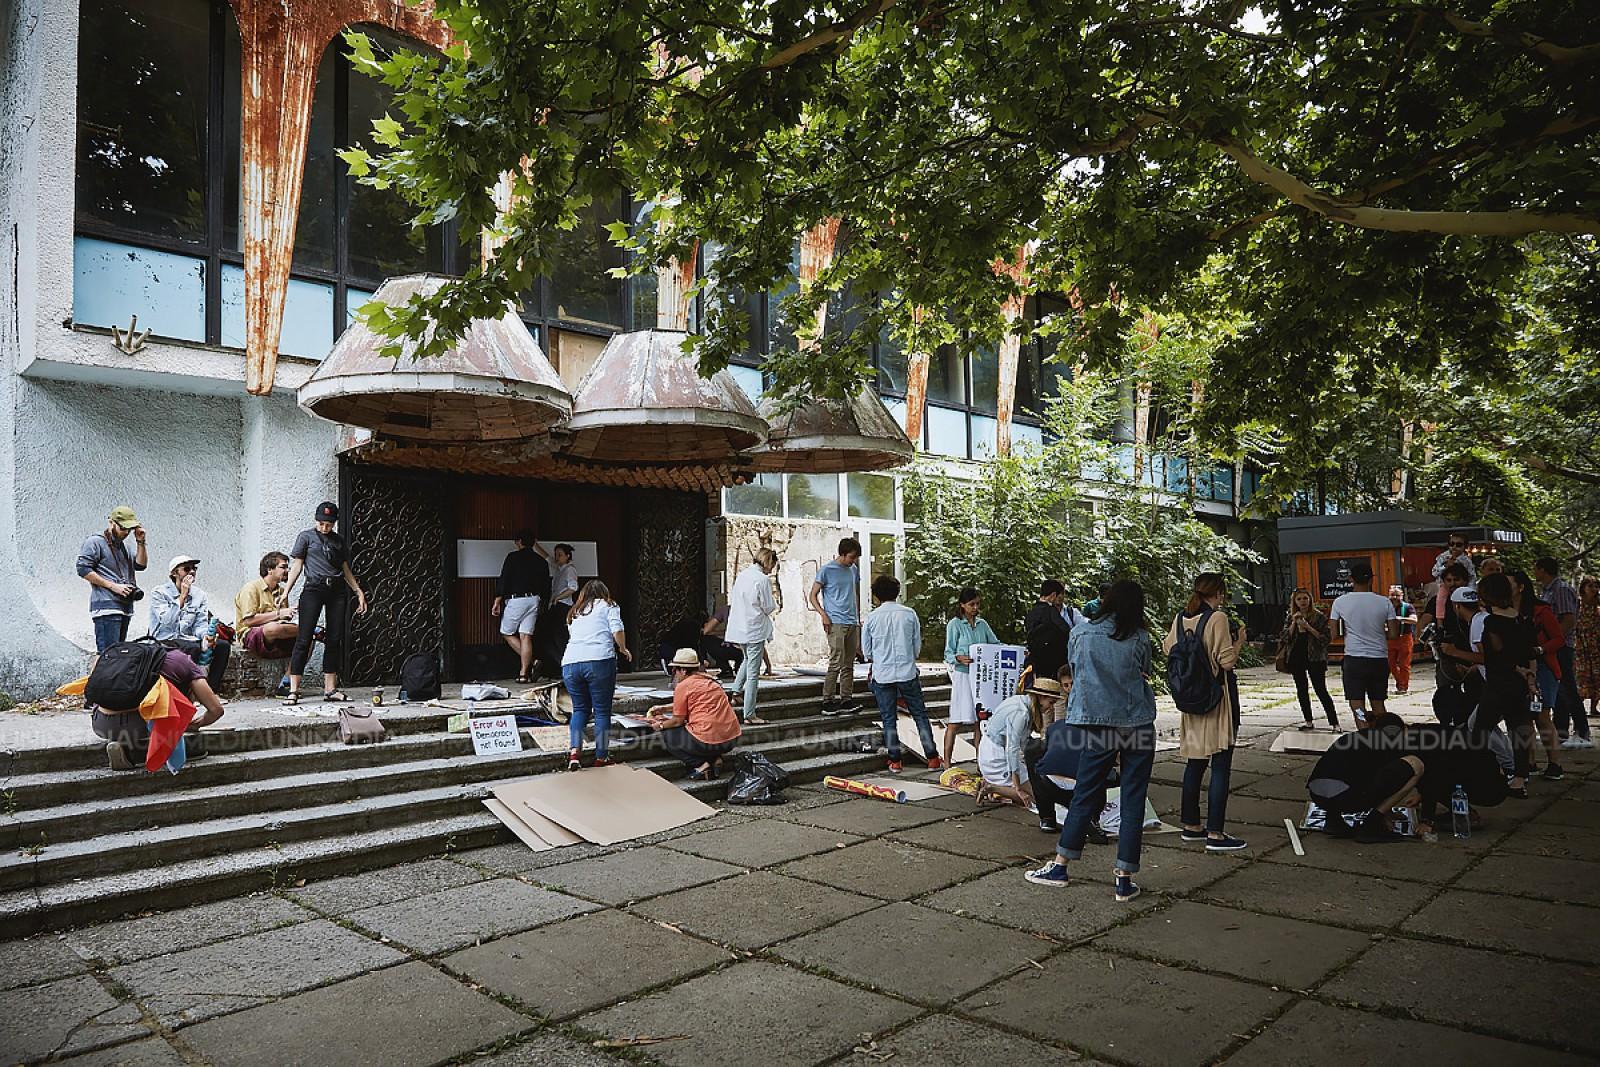 Occupy Guguță lansează o campanie de colectare a banilor: Pentru ce va fi cheltuită suma adunată